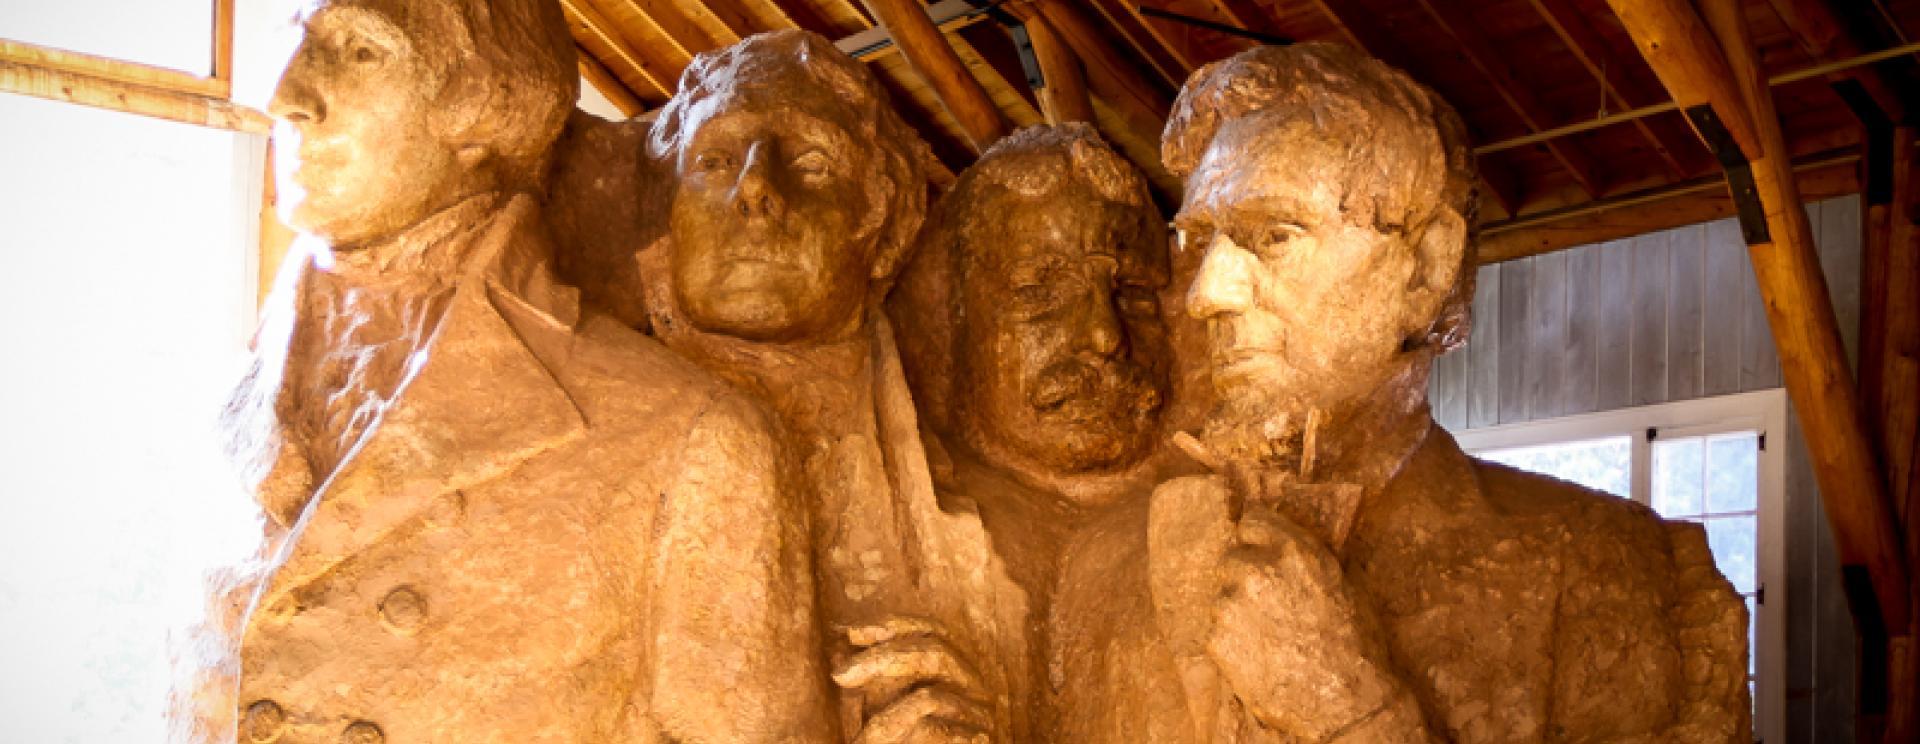 The Sculptor's Studio at Mount Rushmore National Memorial